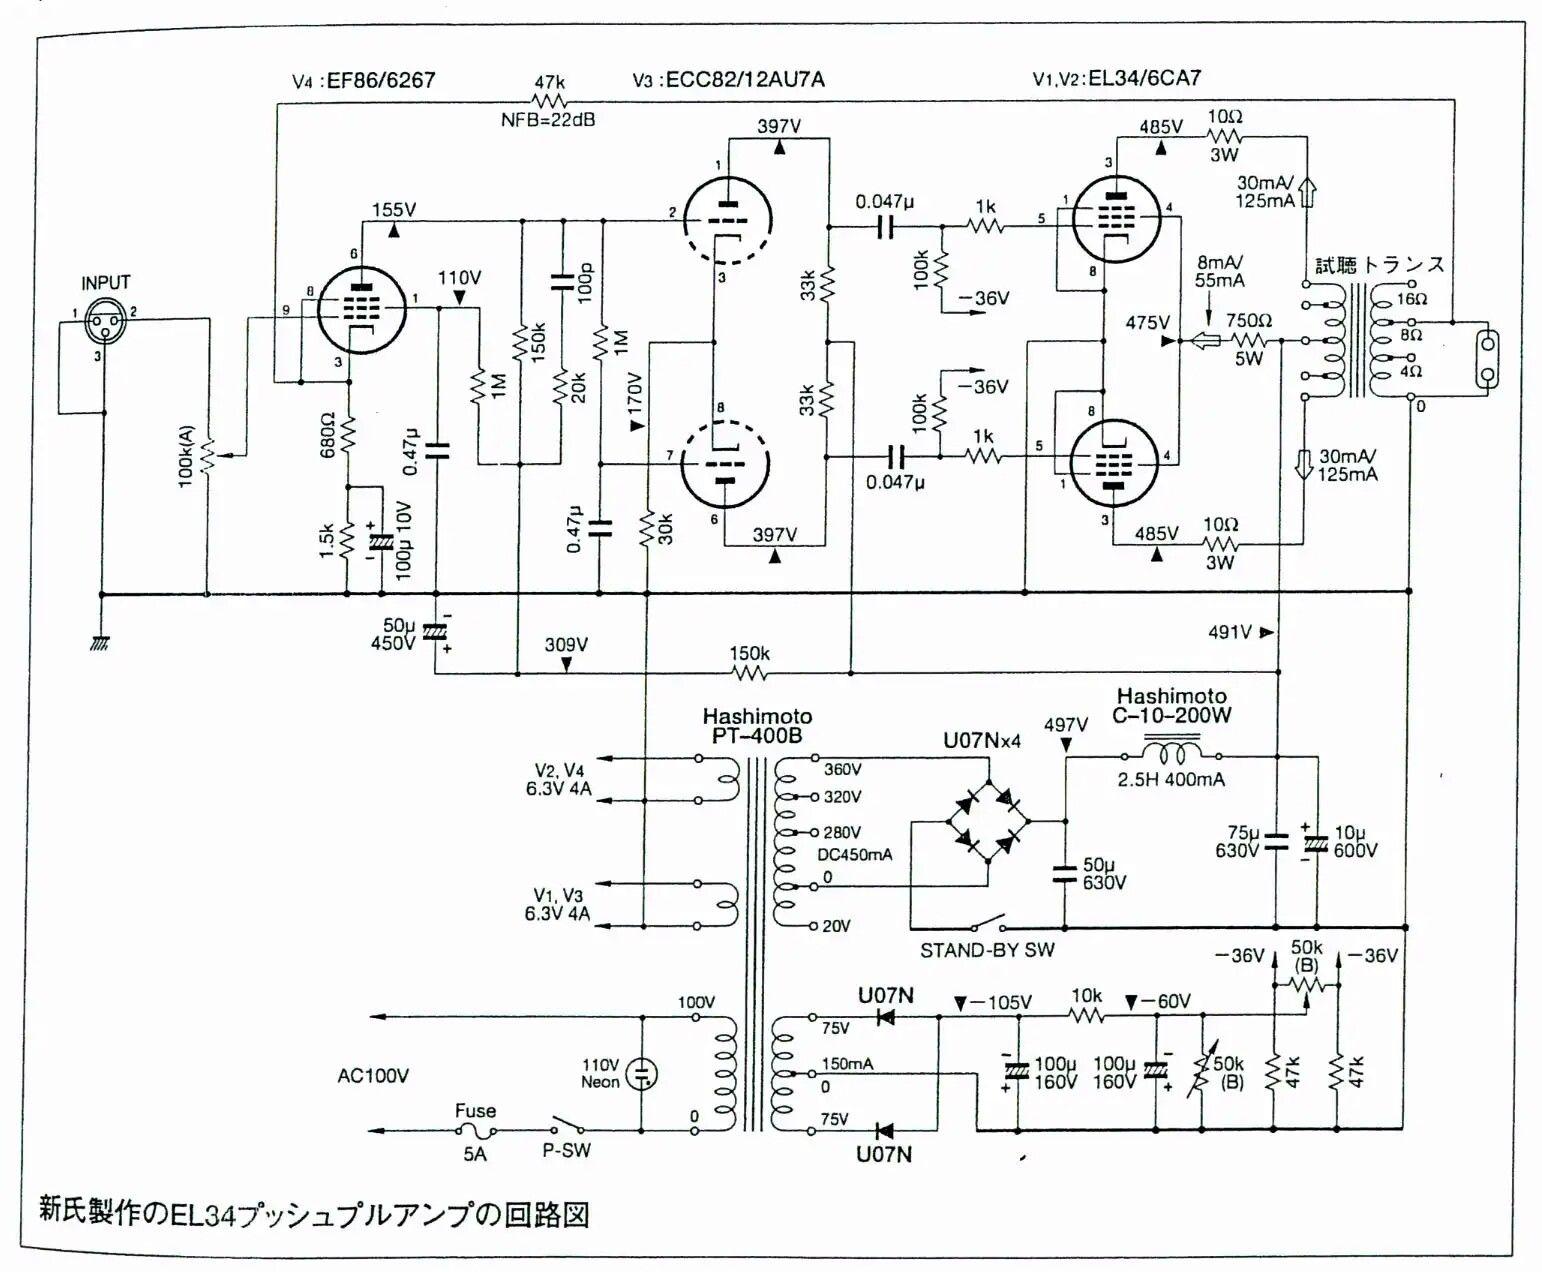 small resolution of el34 push pull circuit diagram vacuum tube audiophile techno circuits robotics